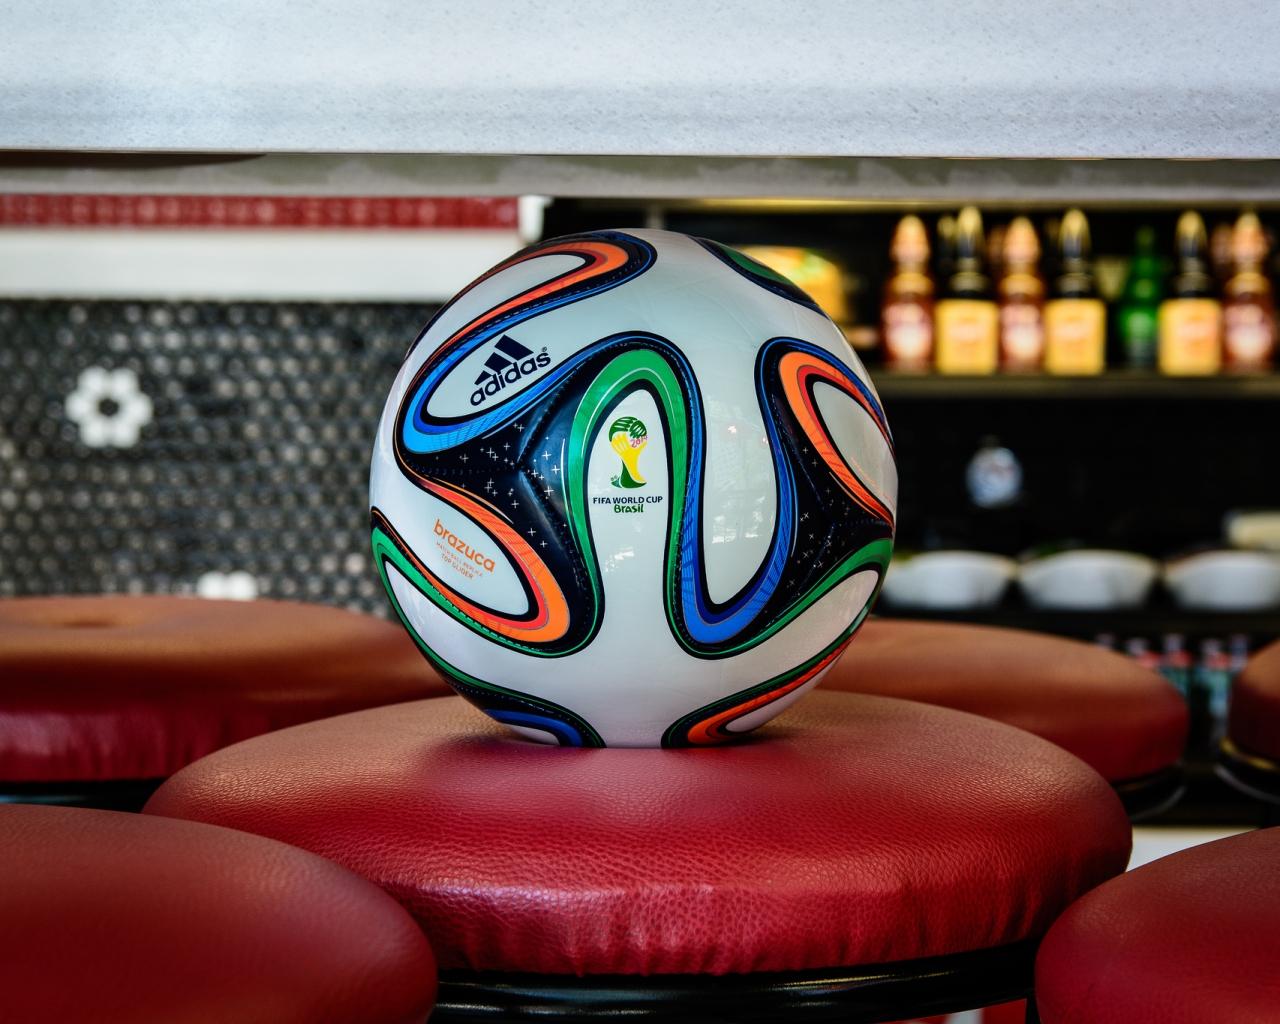 El nuevo balón para el Mundial - 1280x1024